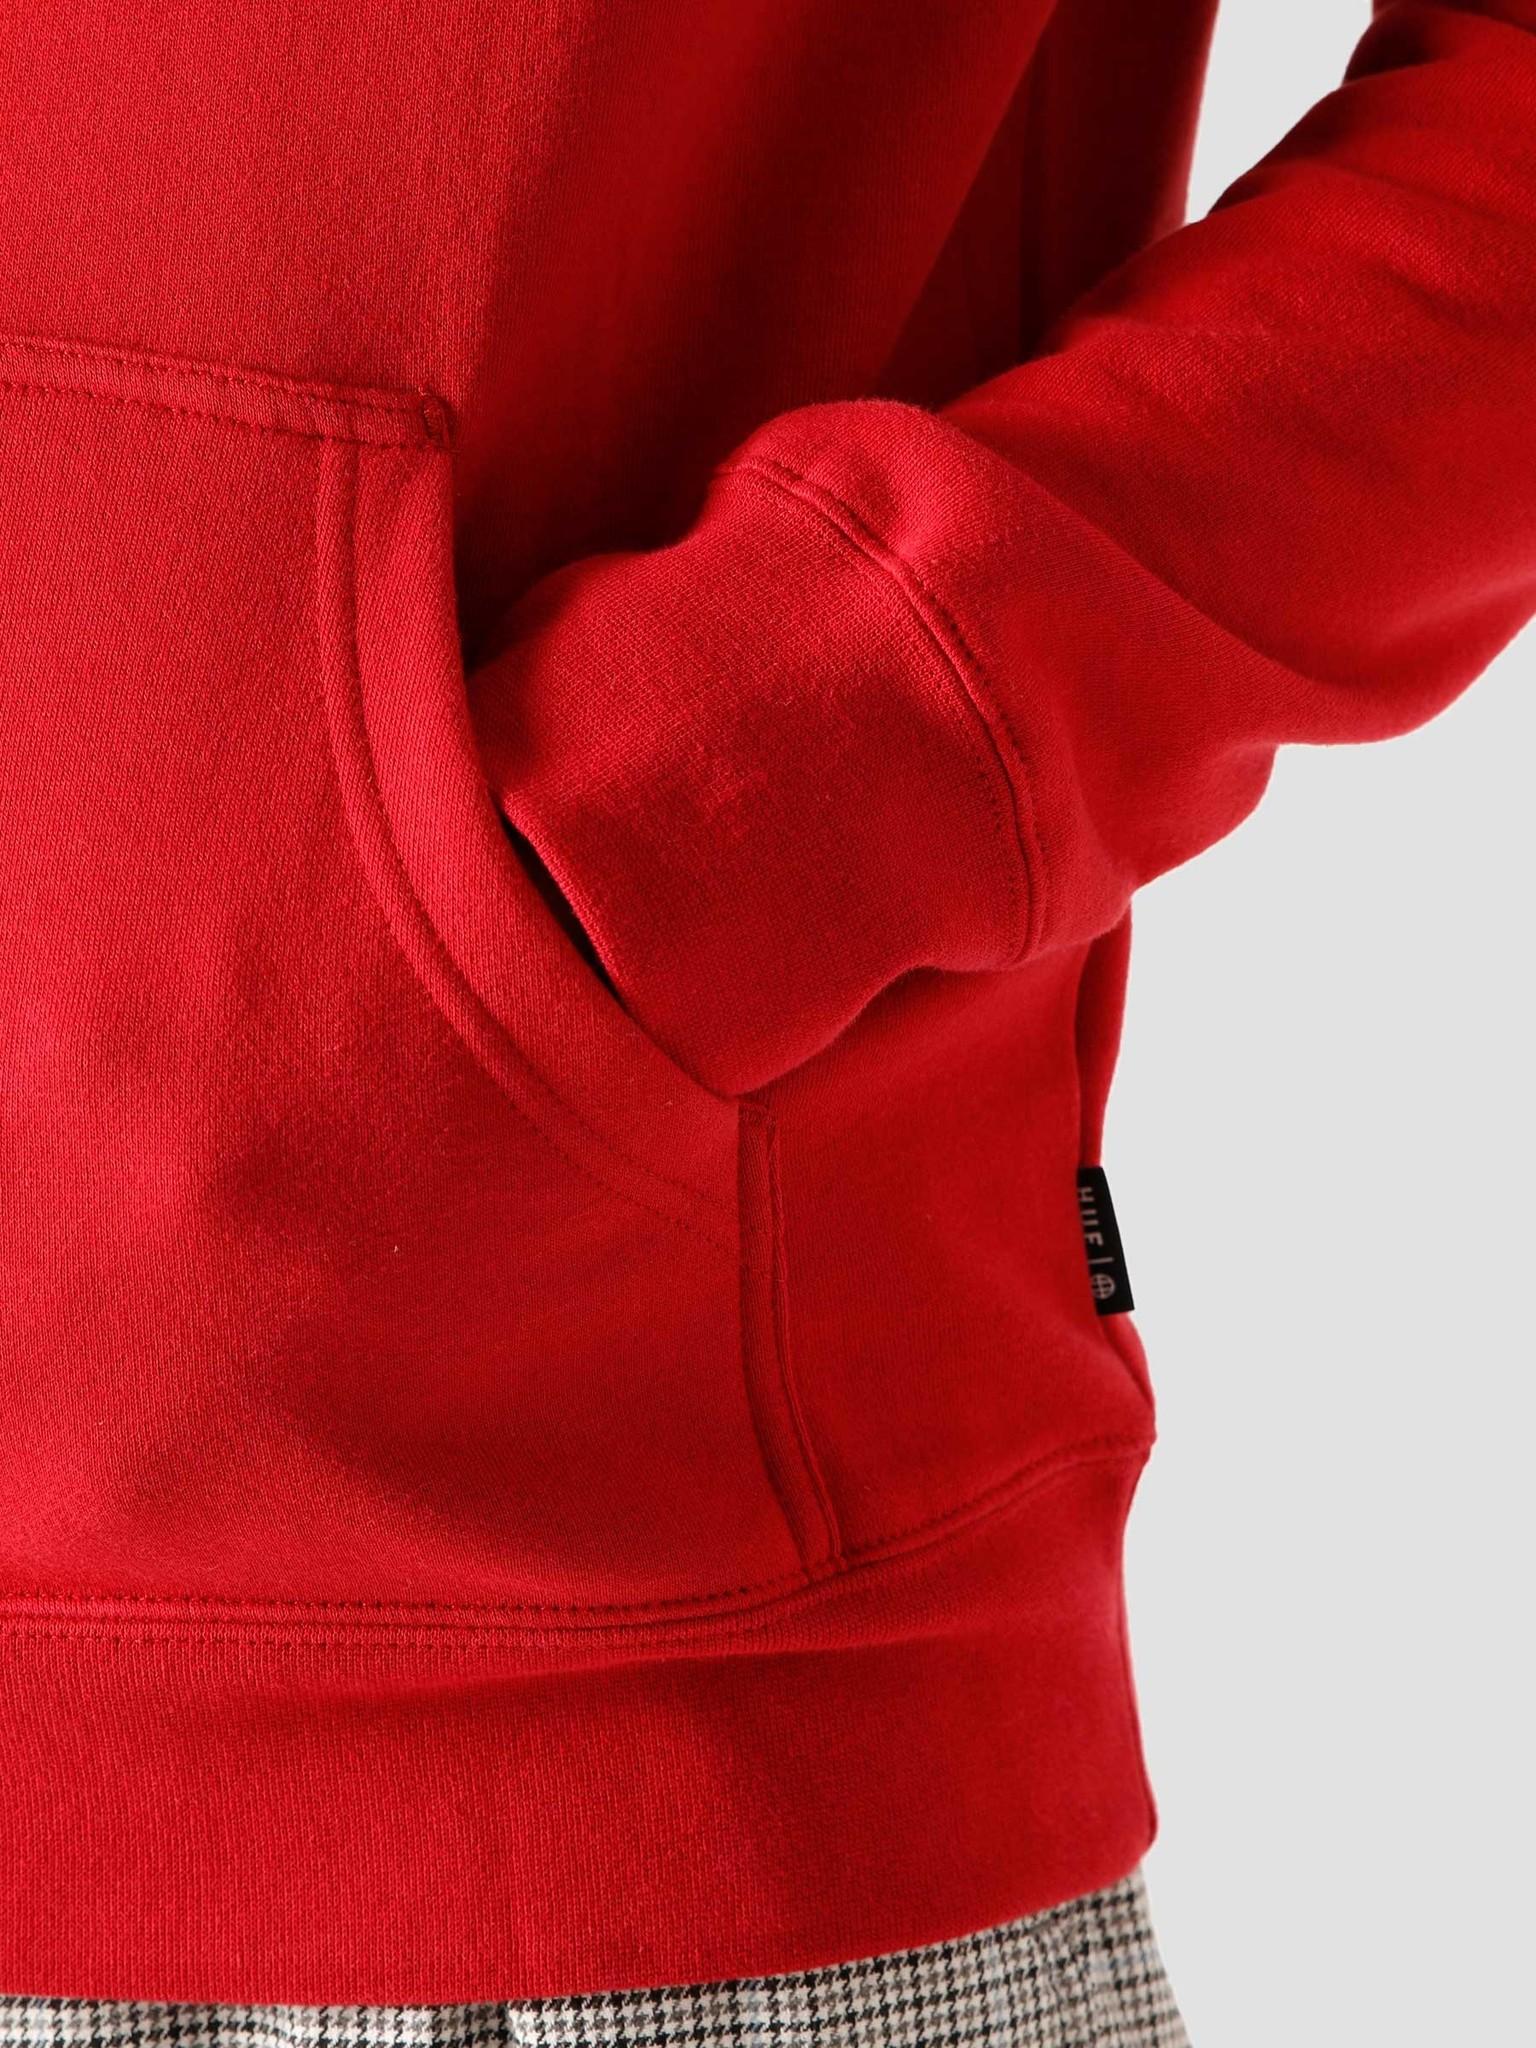 HUF Essentials TT Hoodie Rio Red PF00100 RIRED | FRESHCOTTON